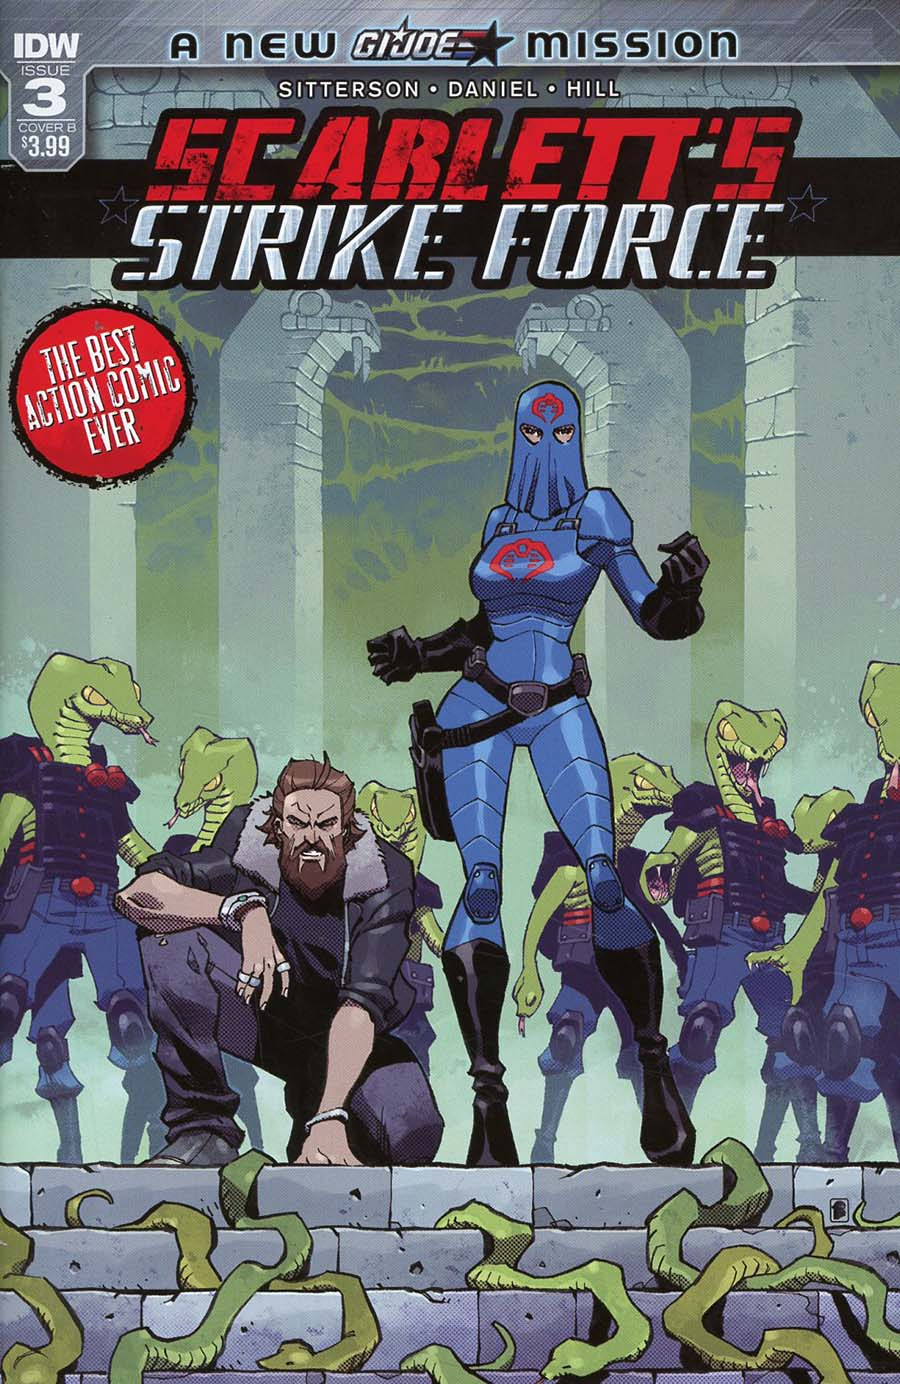 Scarletts Strike Force #3 Cover B Variant Nelson Daniel Cover